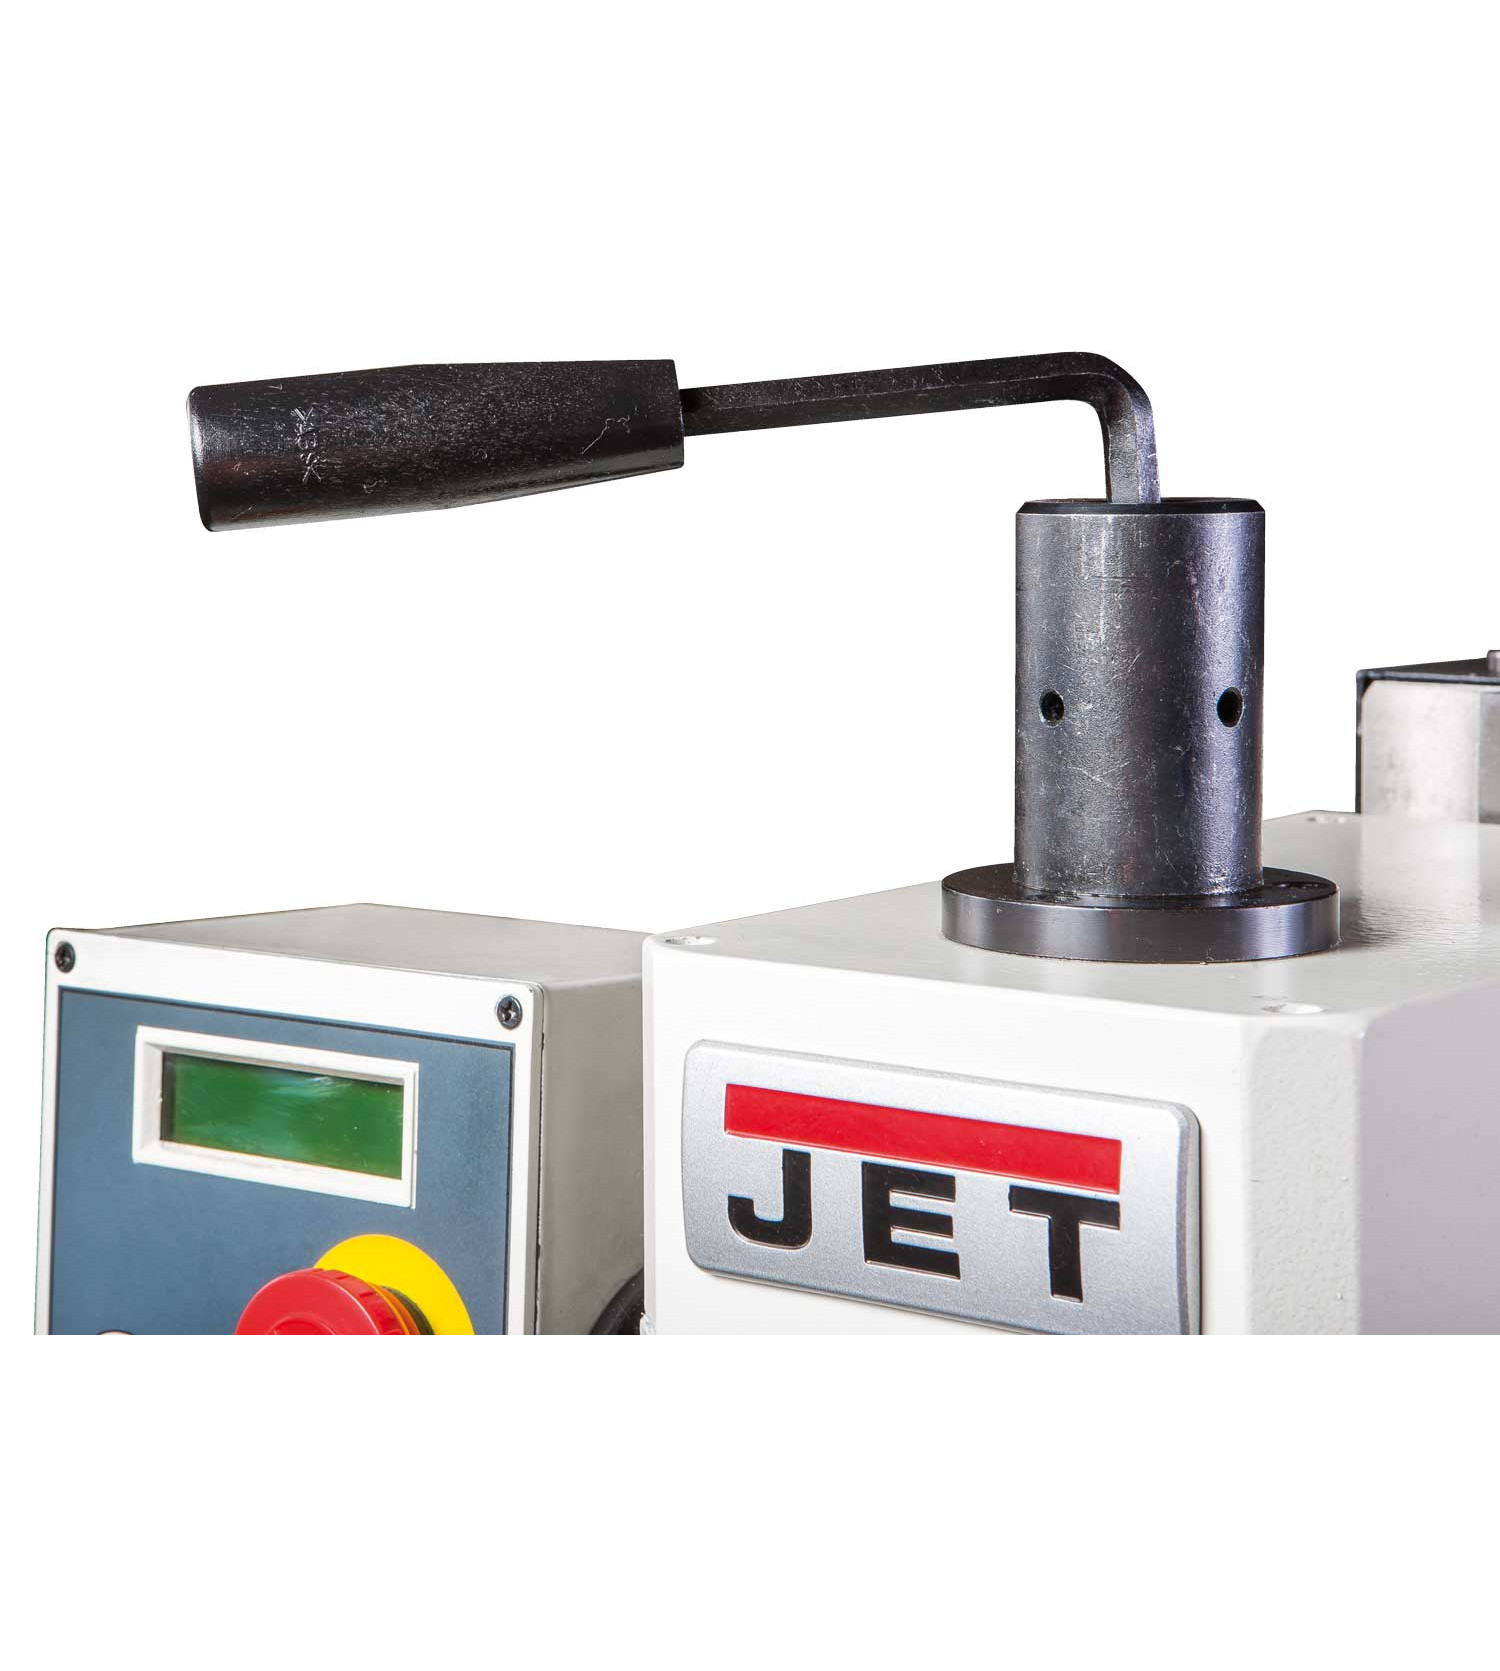 Сверлильно-фрезерный станок JET JMD-X2S